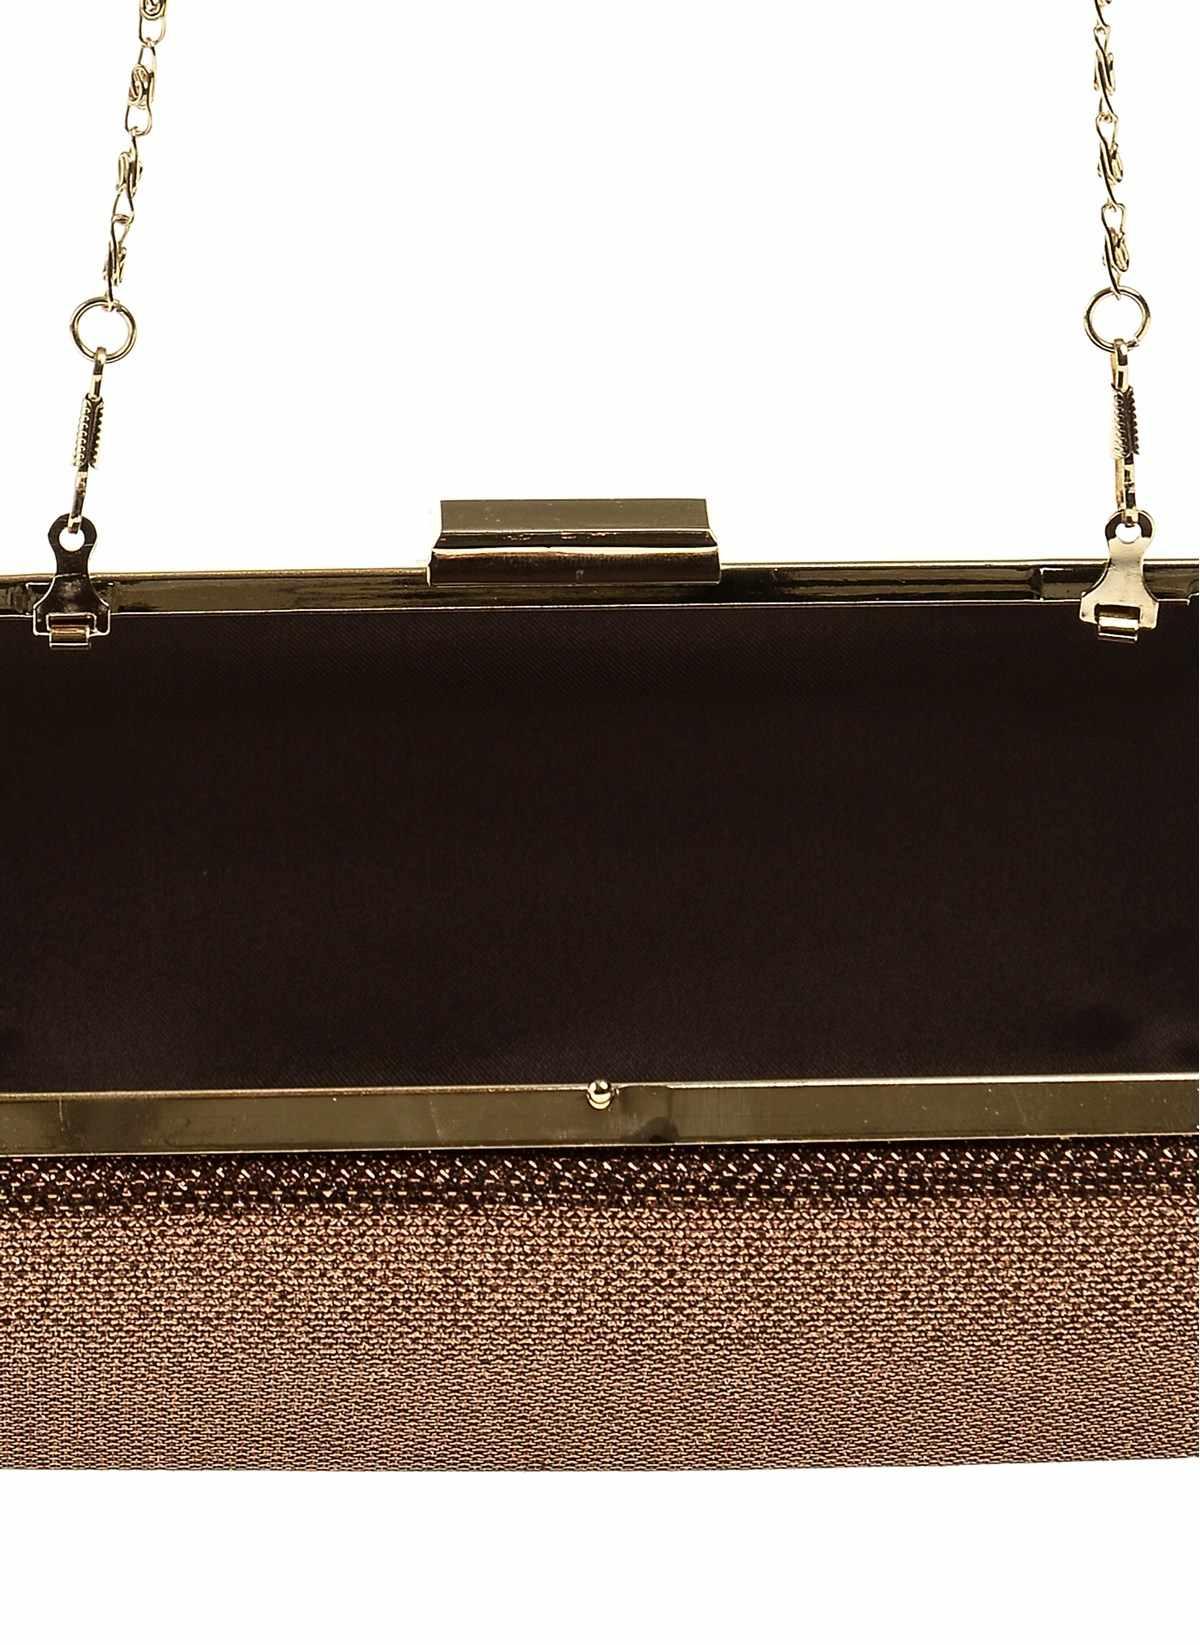 Sç-002 Bronze สีเงินกระเป๋าถือหญิงออกแบบ Messenger ฤดูร้อนฤดูหนาวกระเป๋าโทรศัพท์กระเป๋าเซ็กซี่ชุดราตรี CUSTOM